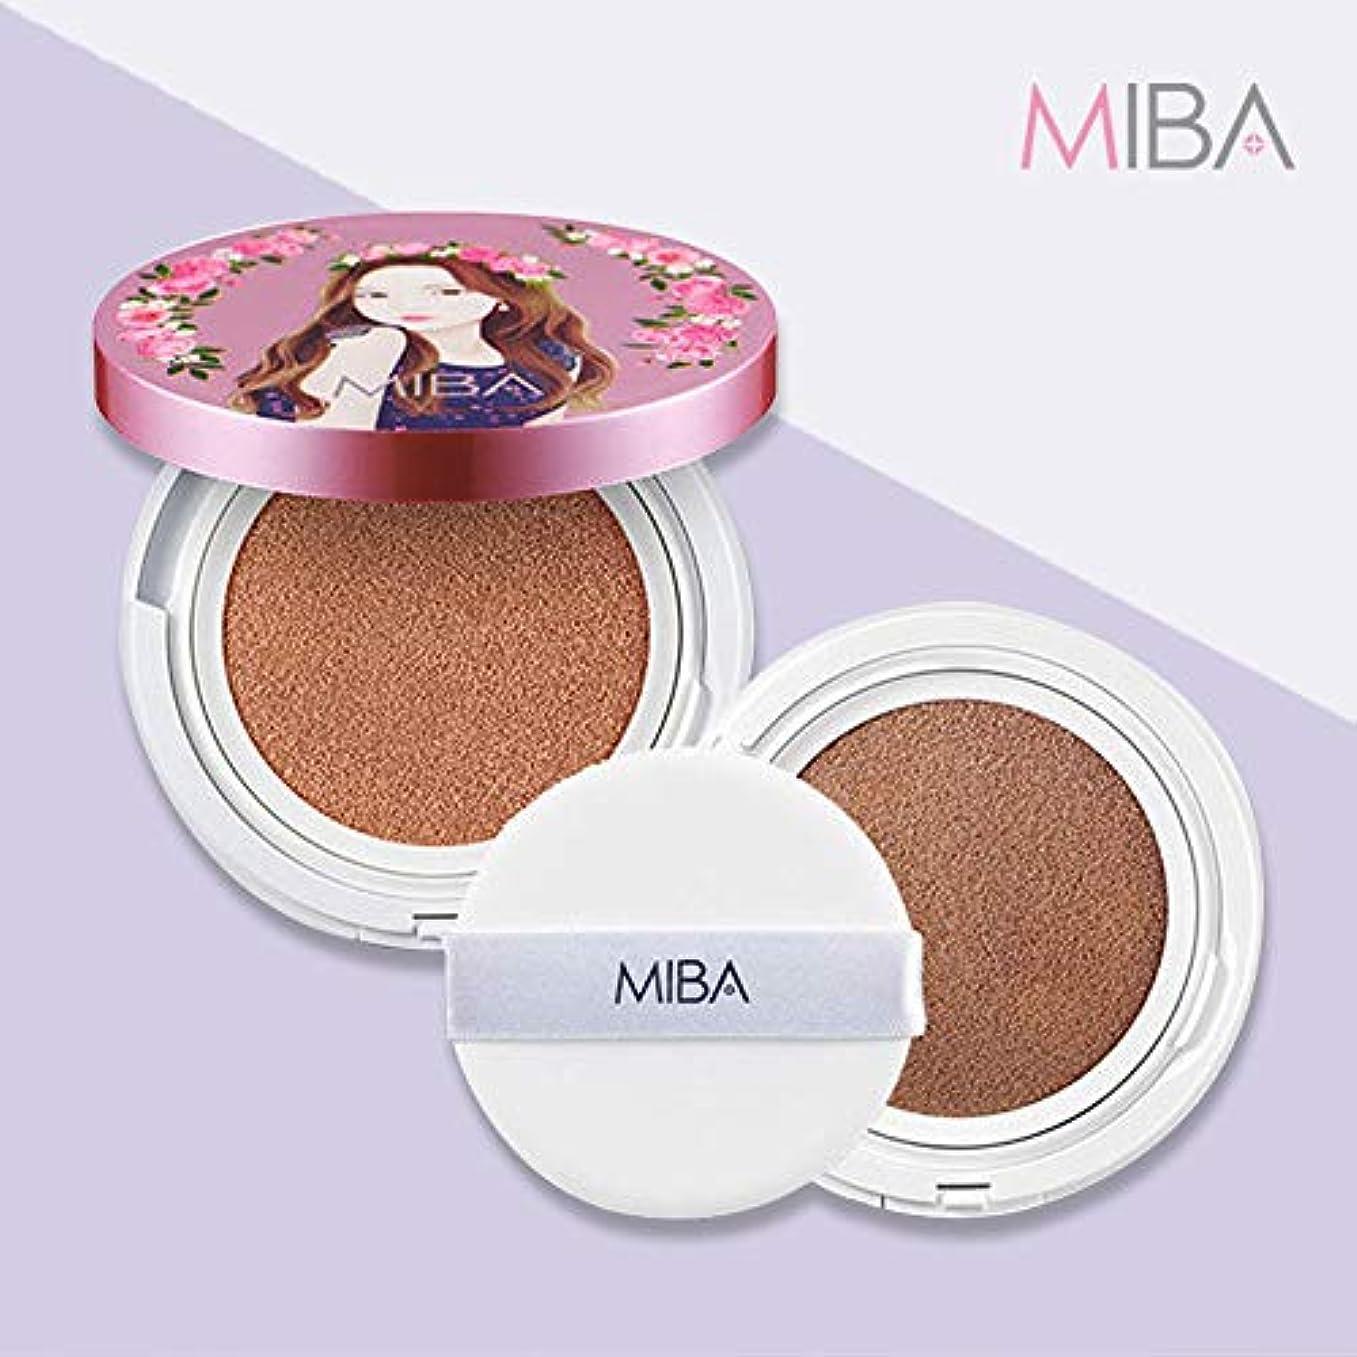 海峡ひも権威勧告【mineralbio】 MIBA ミバ イオンカルシウム ミネラルファンデーション ダブルクッション 本品+リフィル+パフ2枚 SPF50+/PA++++ 普通肌用 (Ion Calcium Foundation Double Cushion set 24g #23 Natural skin)